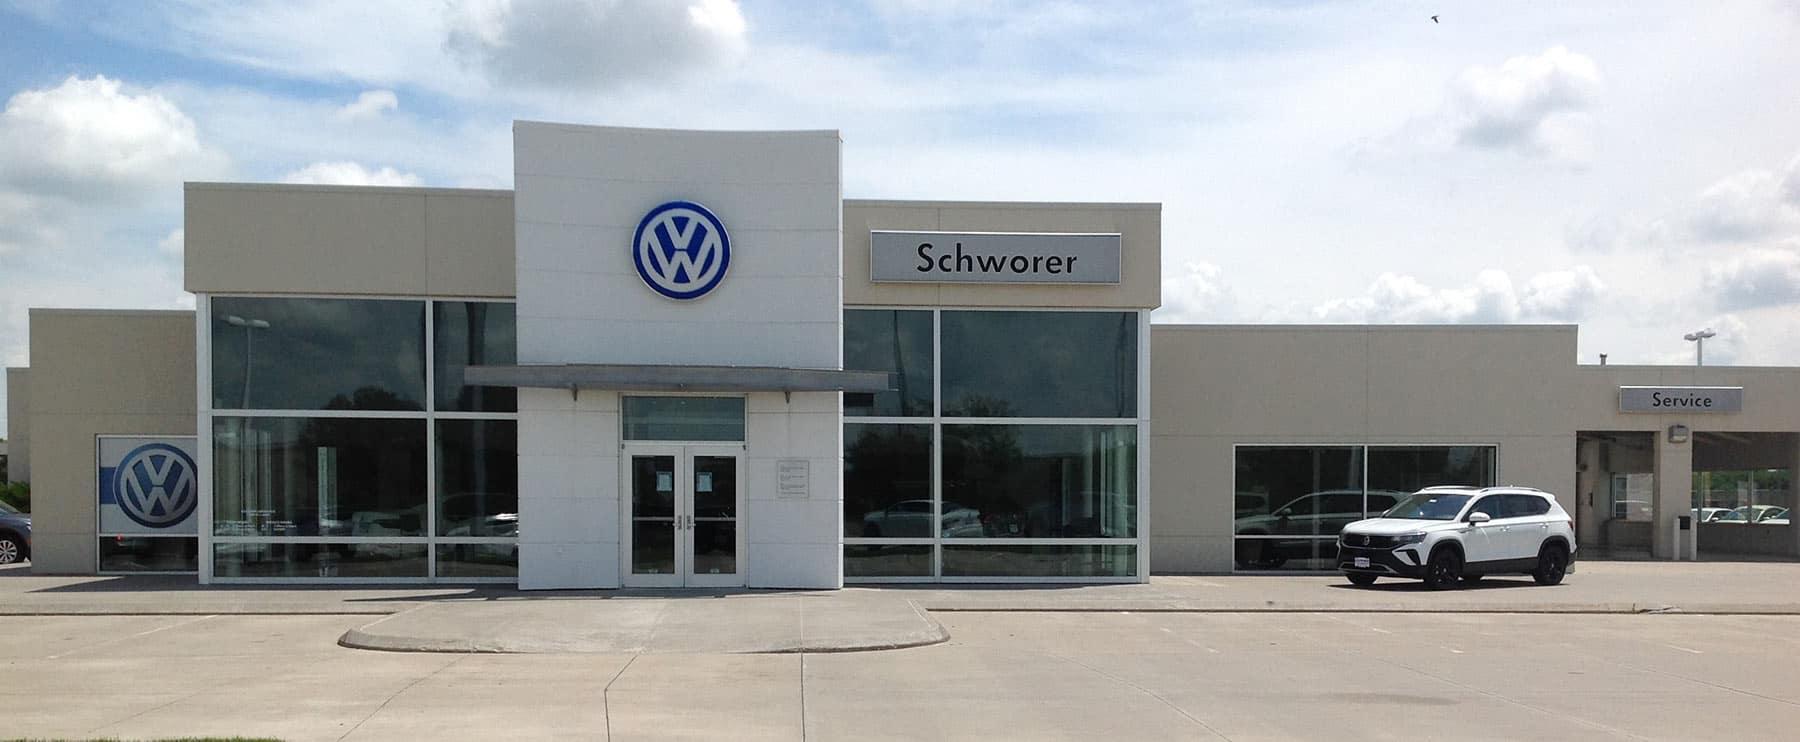 Schworer Volkswagen Dealership